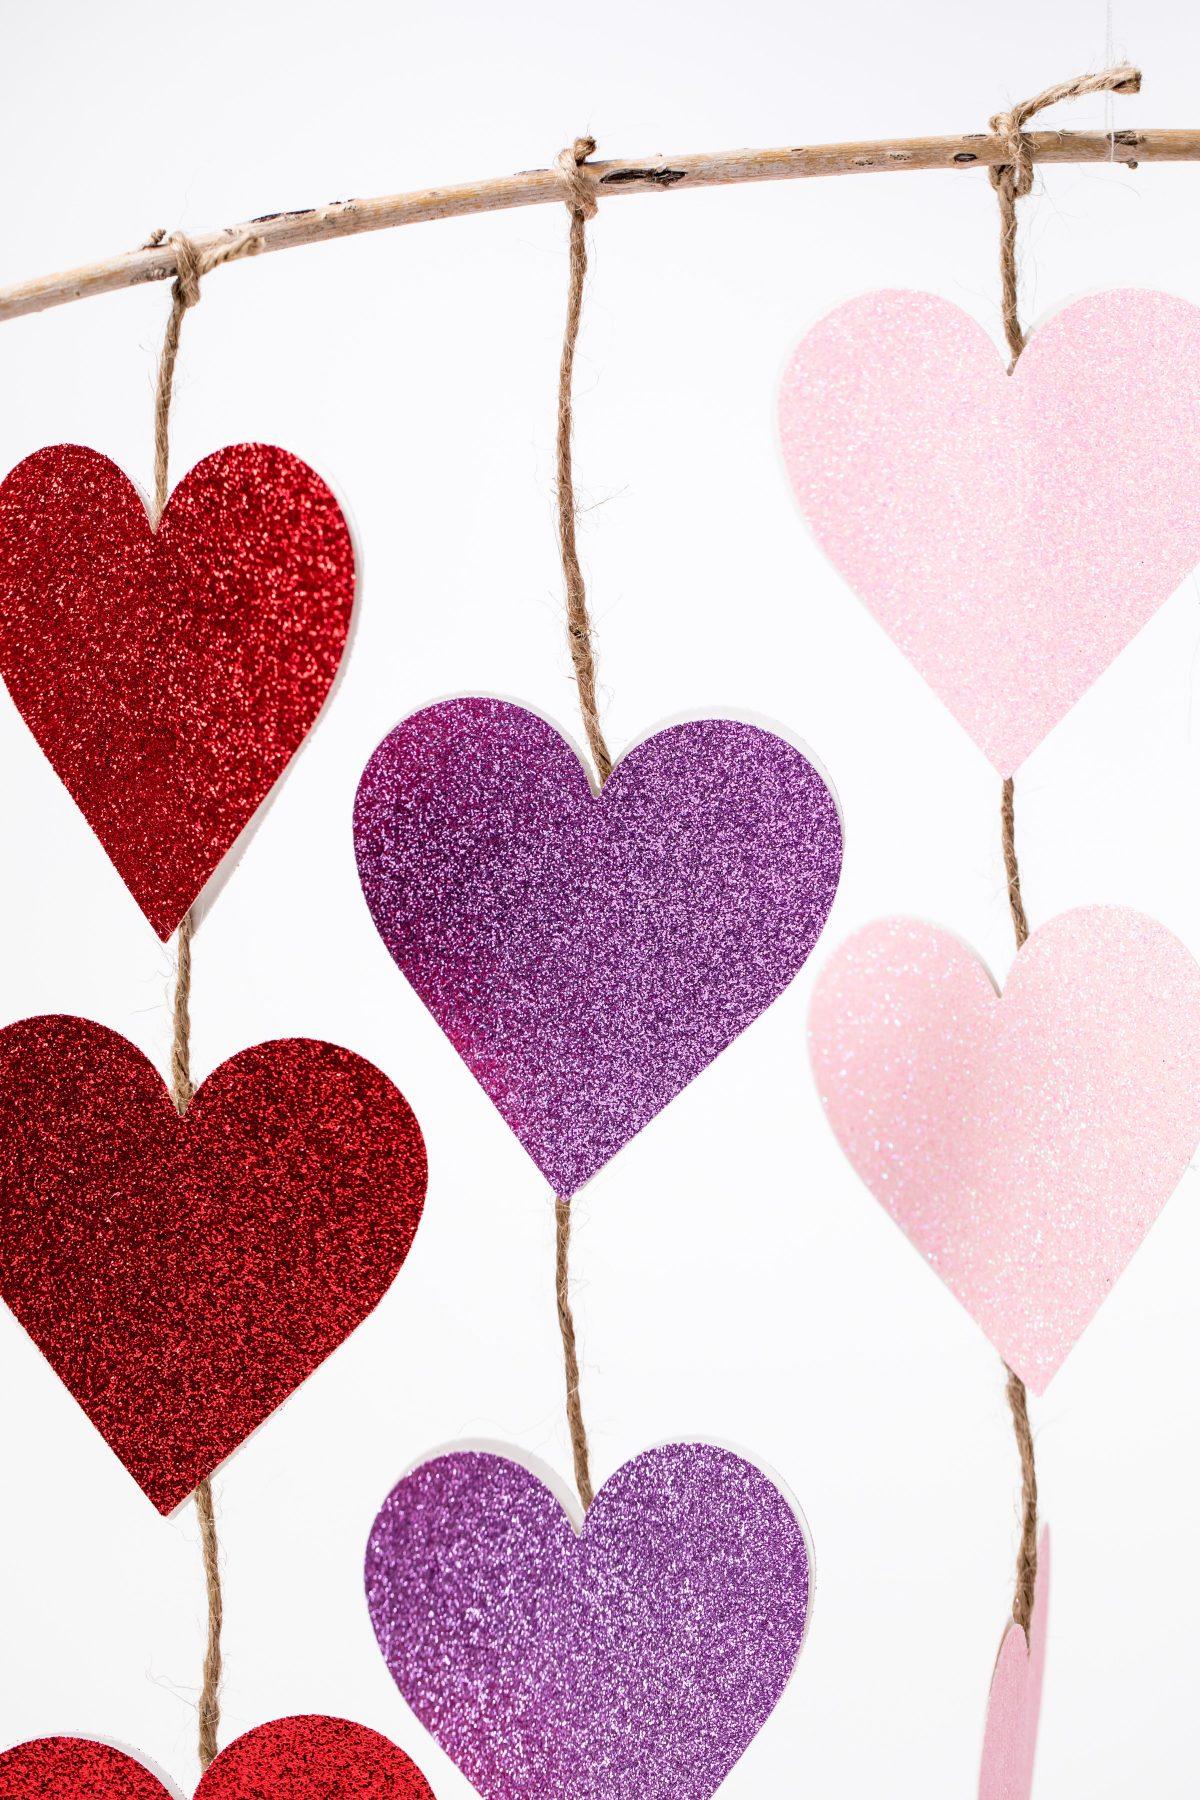 5D4B0822 - Glitter Heart Twine Garland